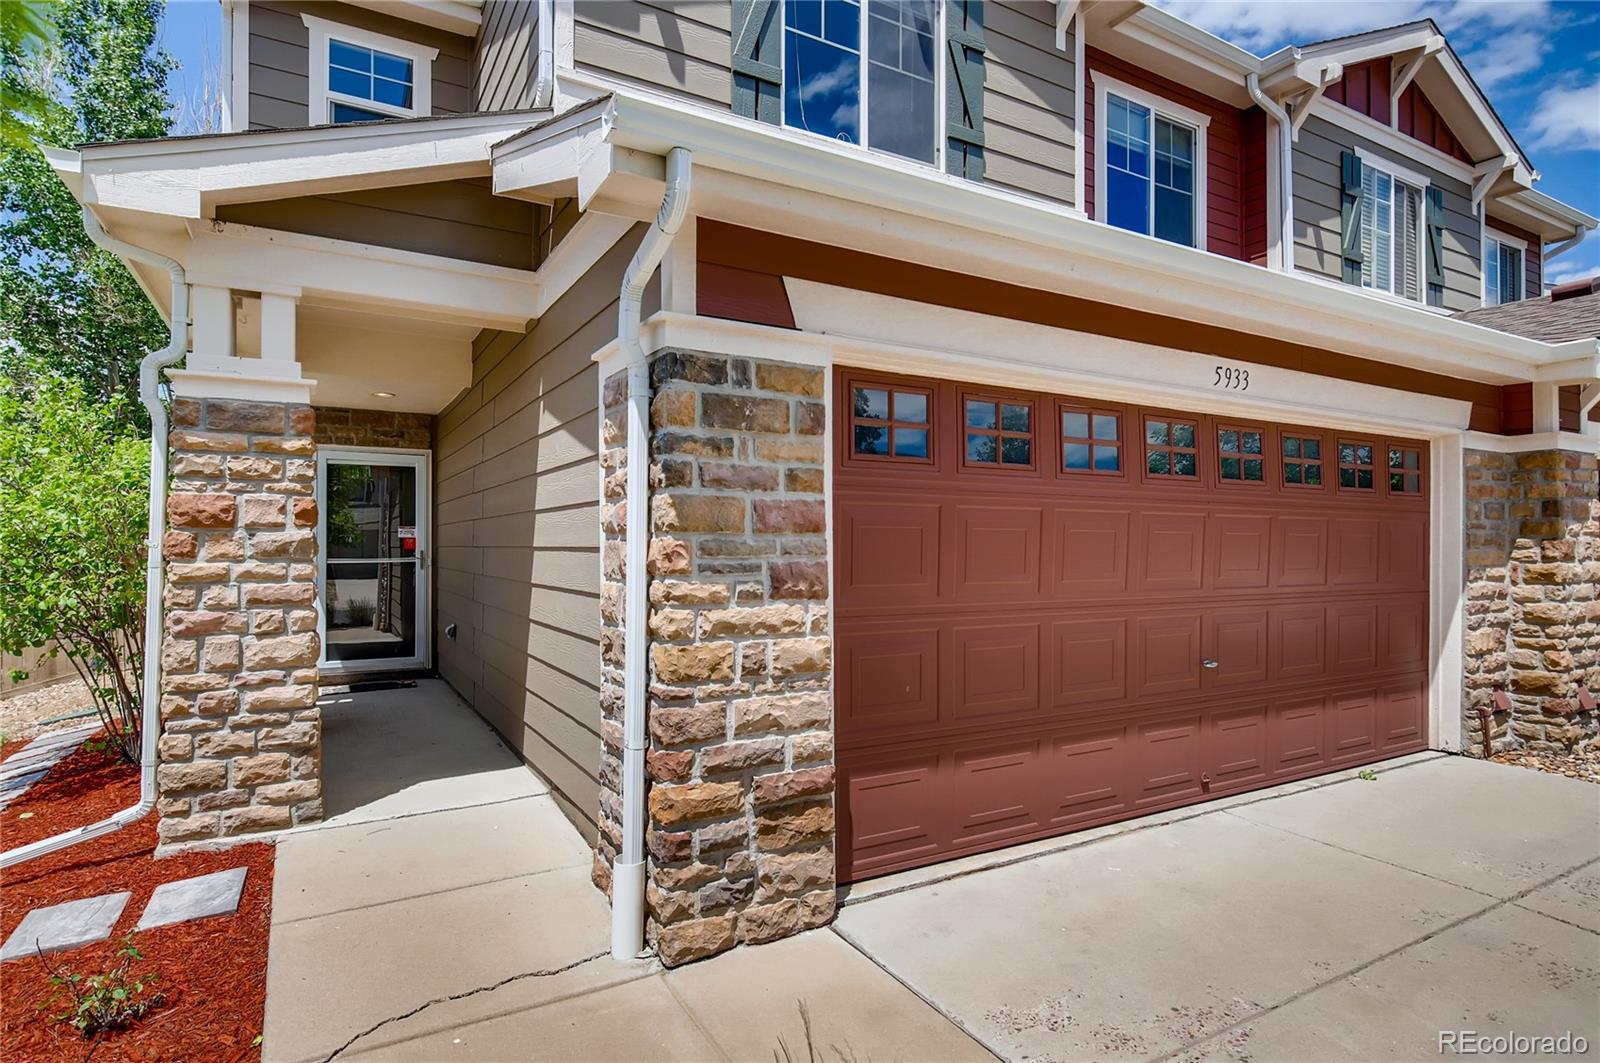 MLS# 6875065 - 3 - 5933 Turnstone Place, Castle Rock, CO 80104